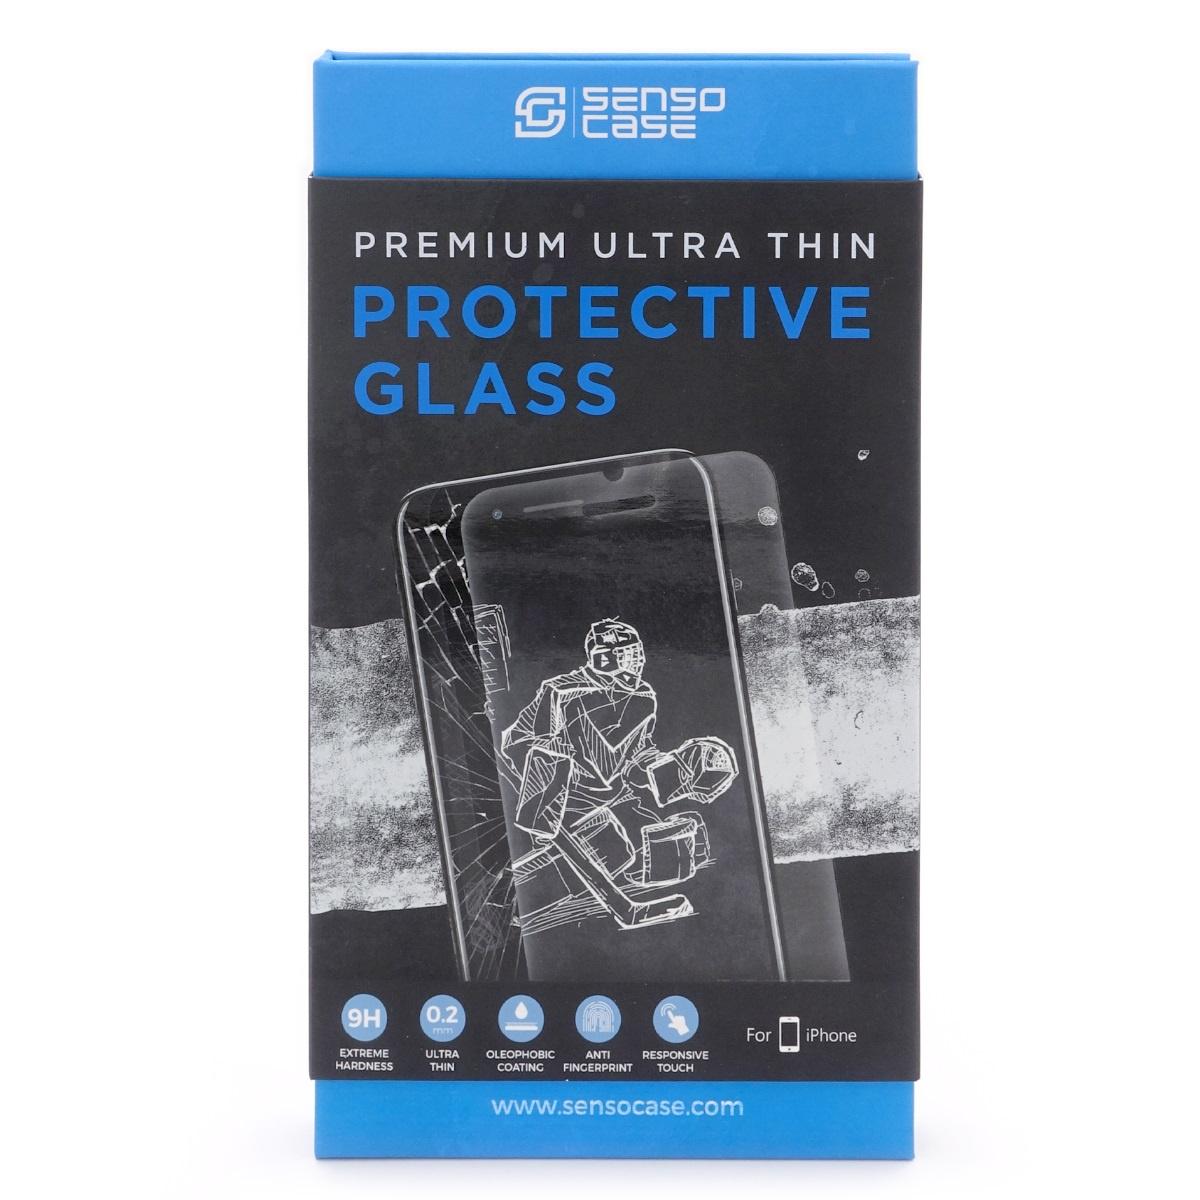 Защитное стекло SensoCase для iPhone 6/6s Protective Glass 0.2 mm 2,5D 9H+, ультратонкое, кристально прозрачное, PG-IP6